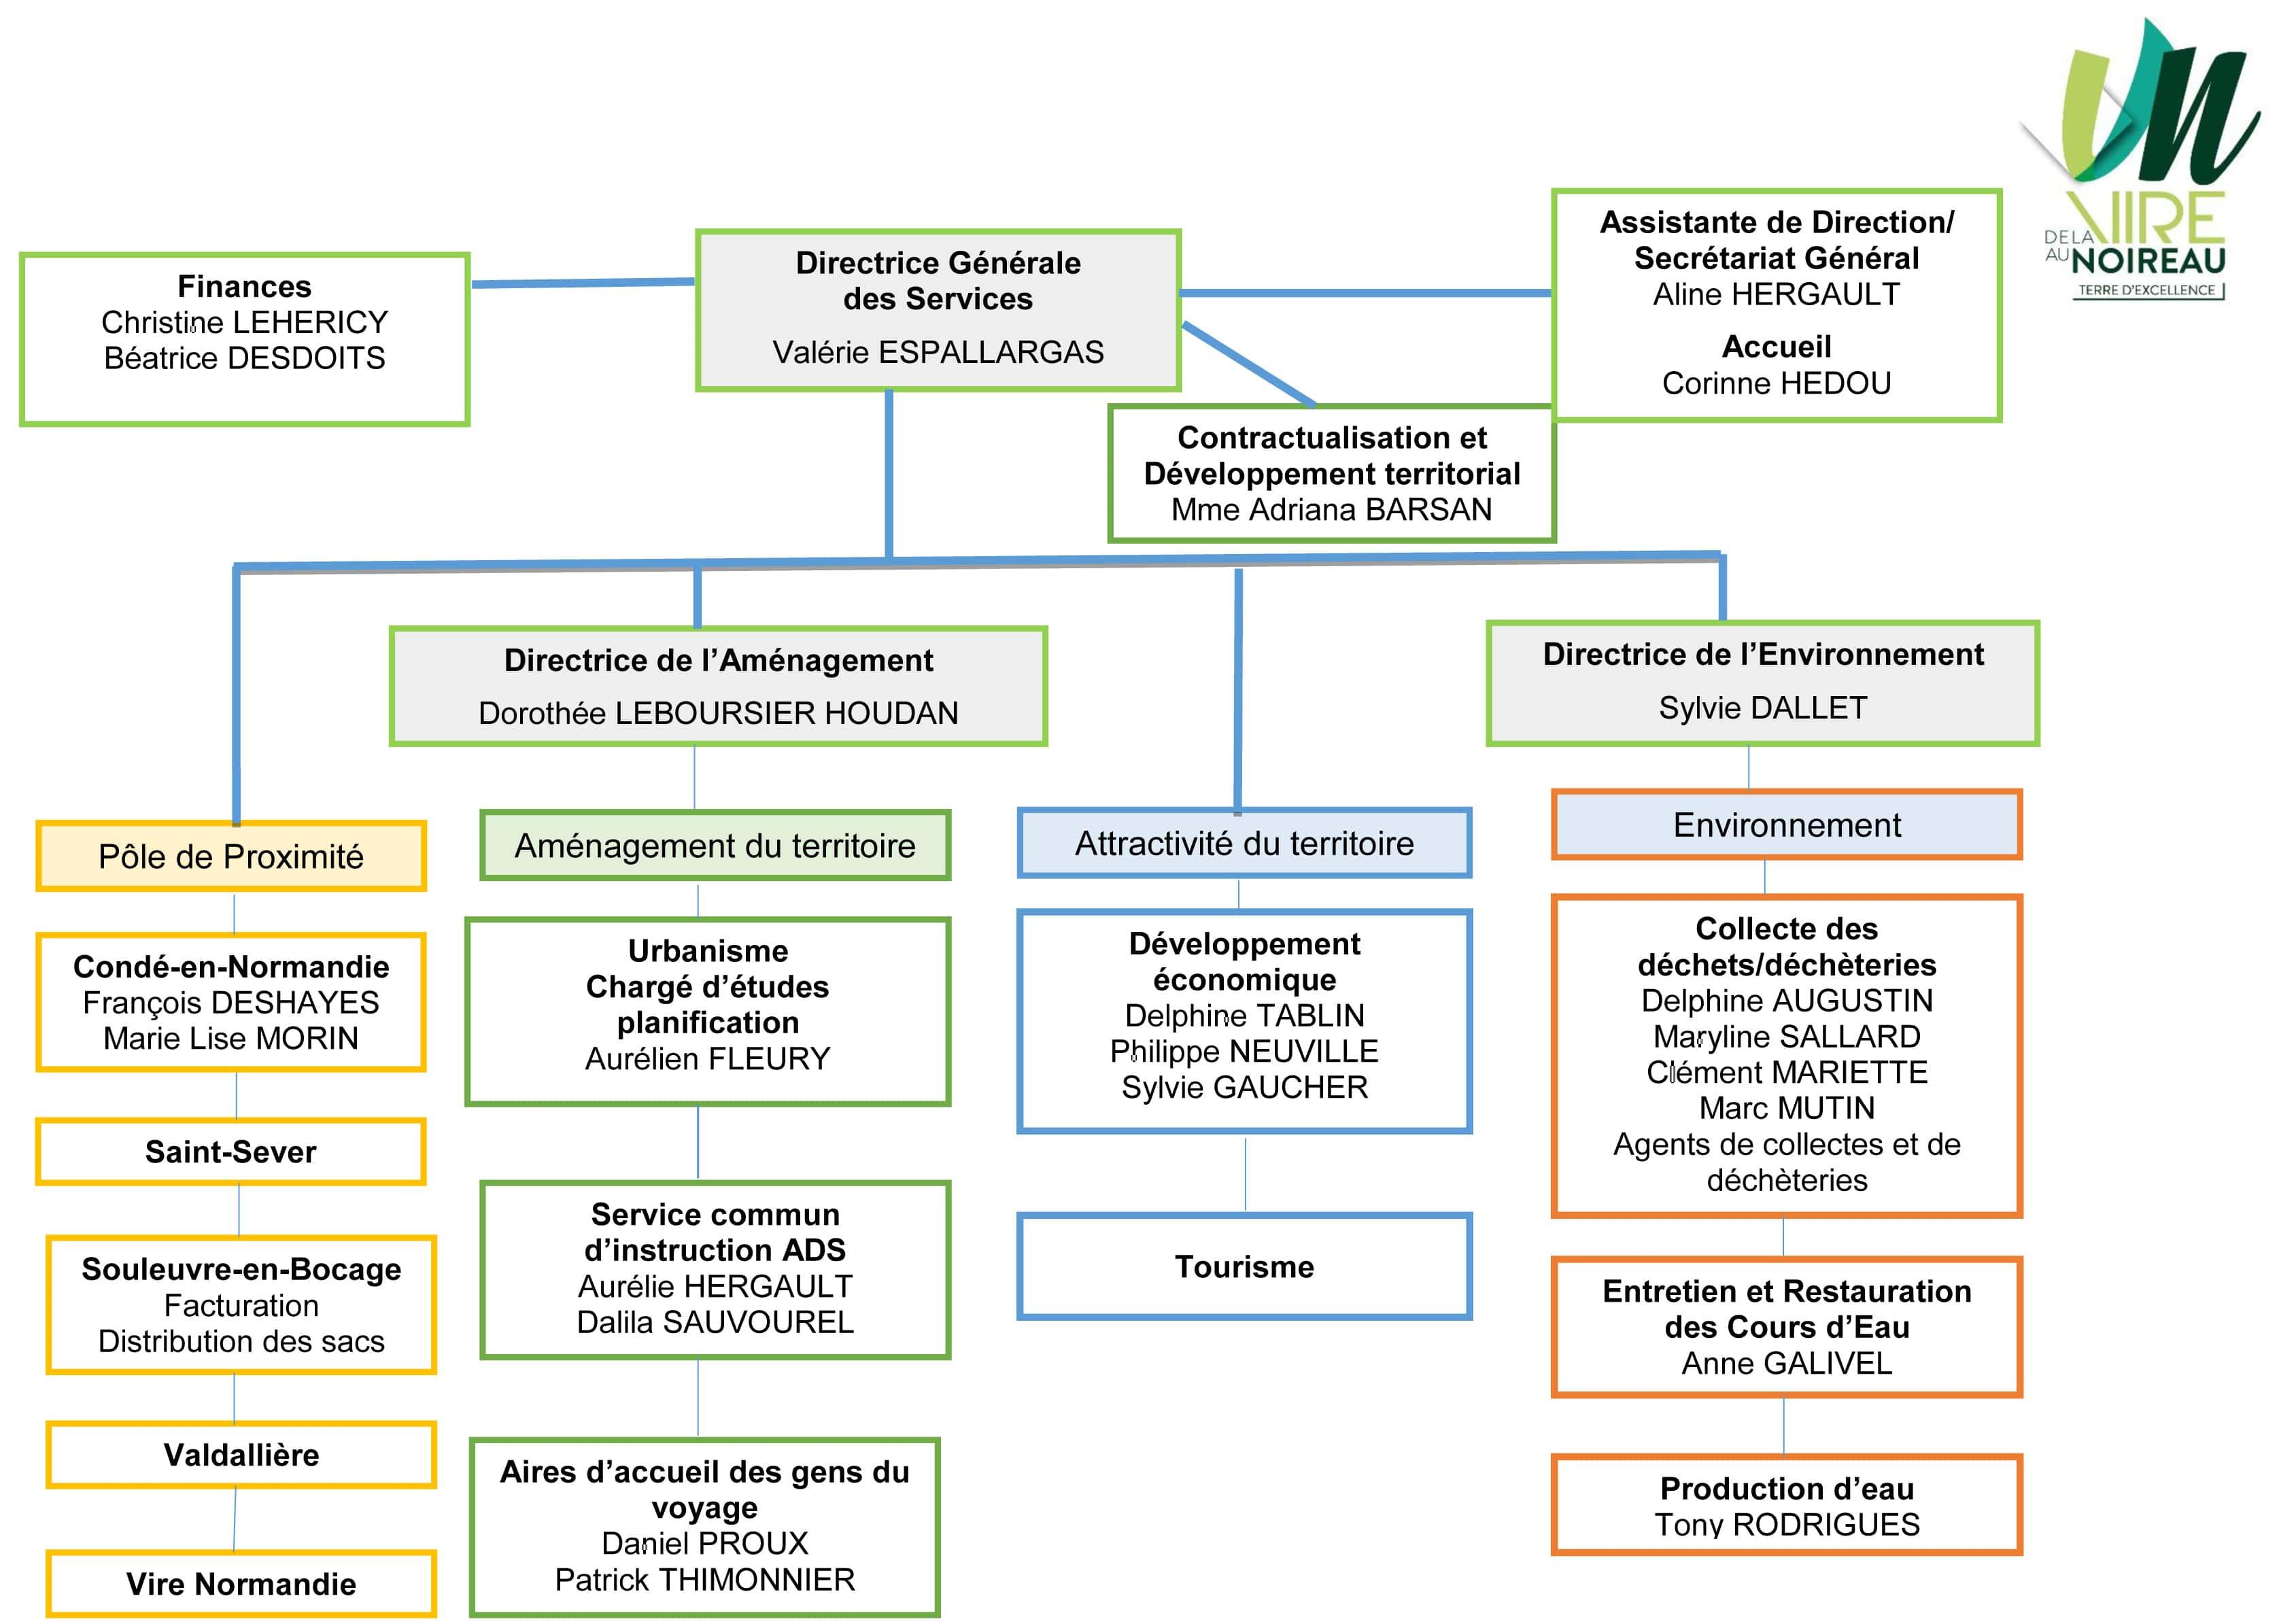 L'Intercom de la Vire au Noireau - Organigramme des services